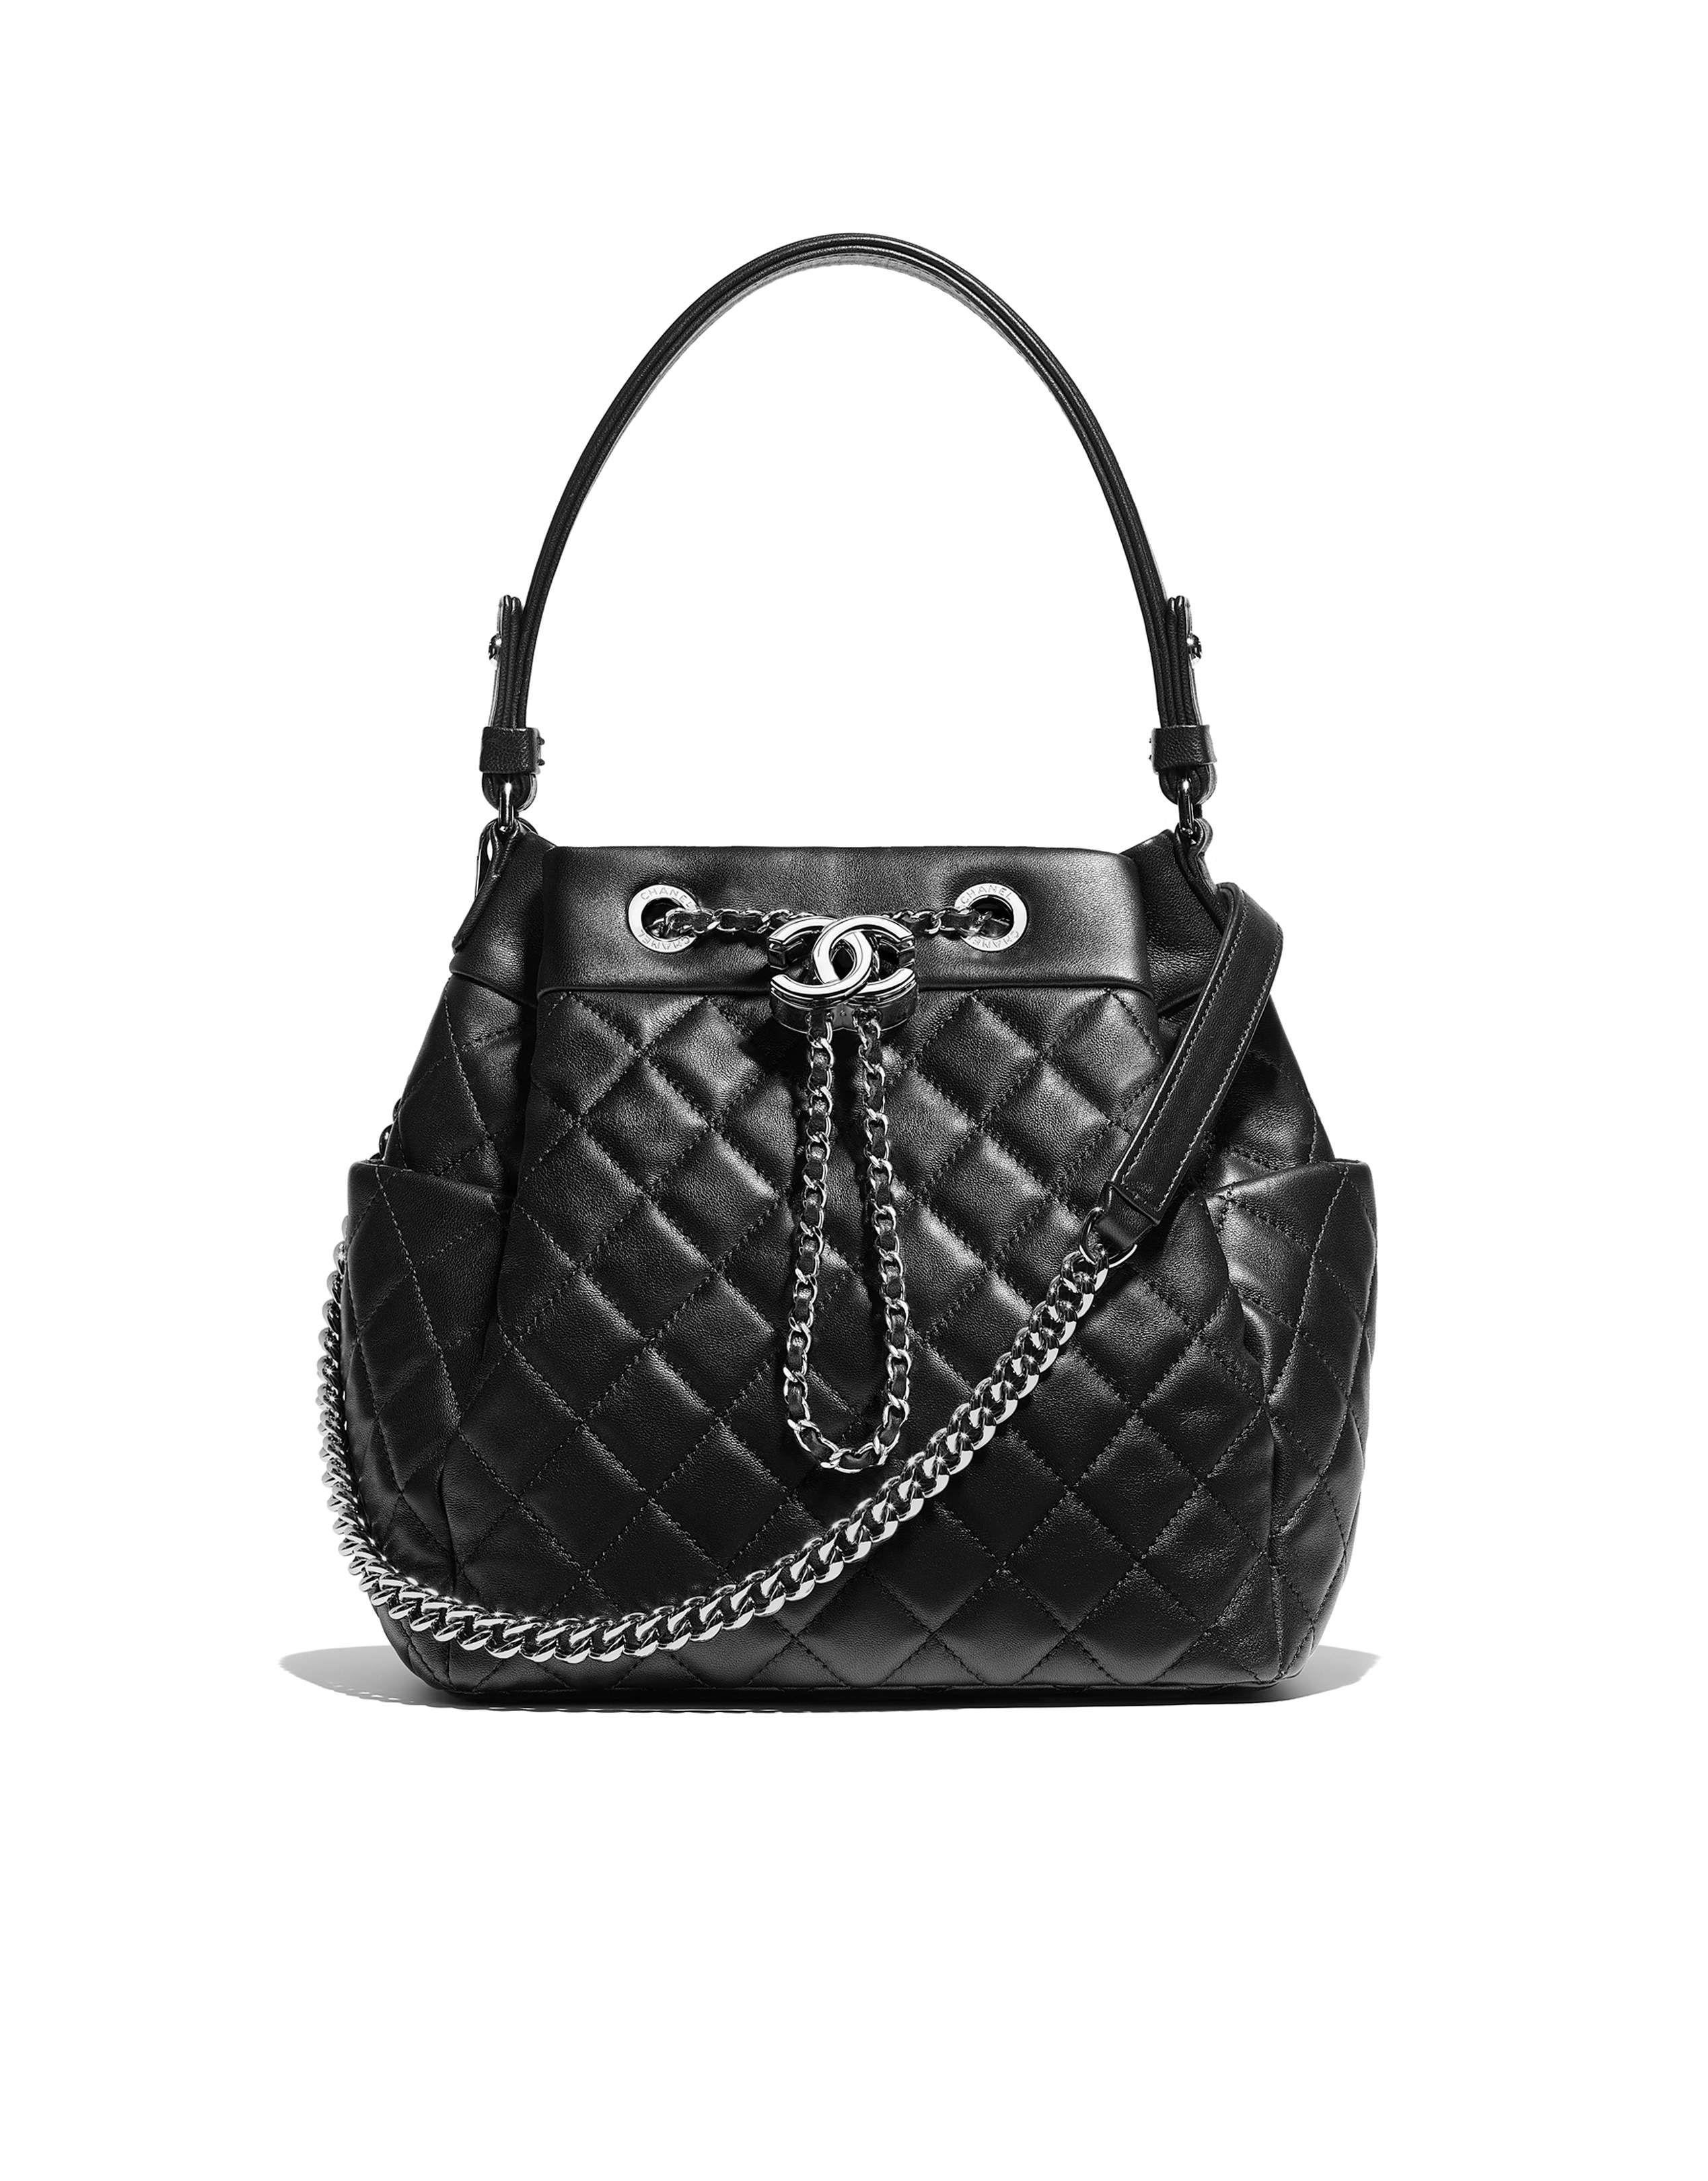 Ooh La La Handbags